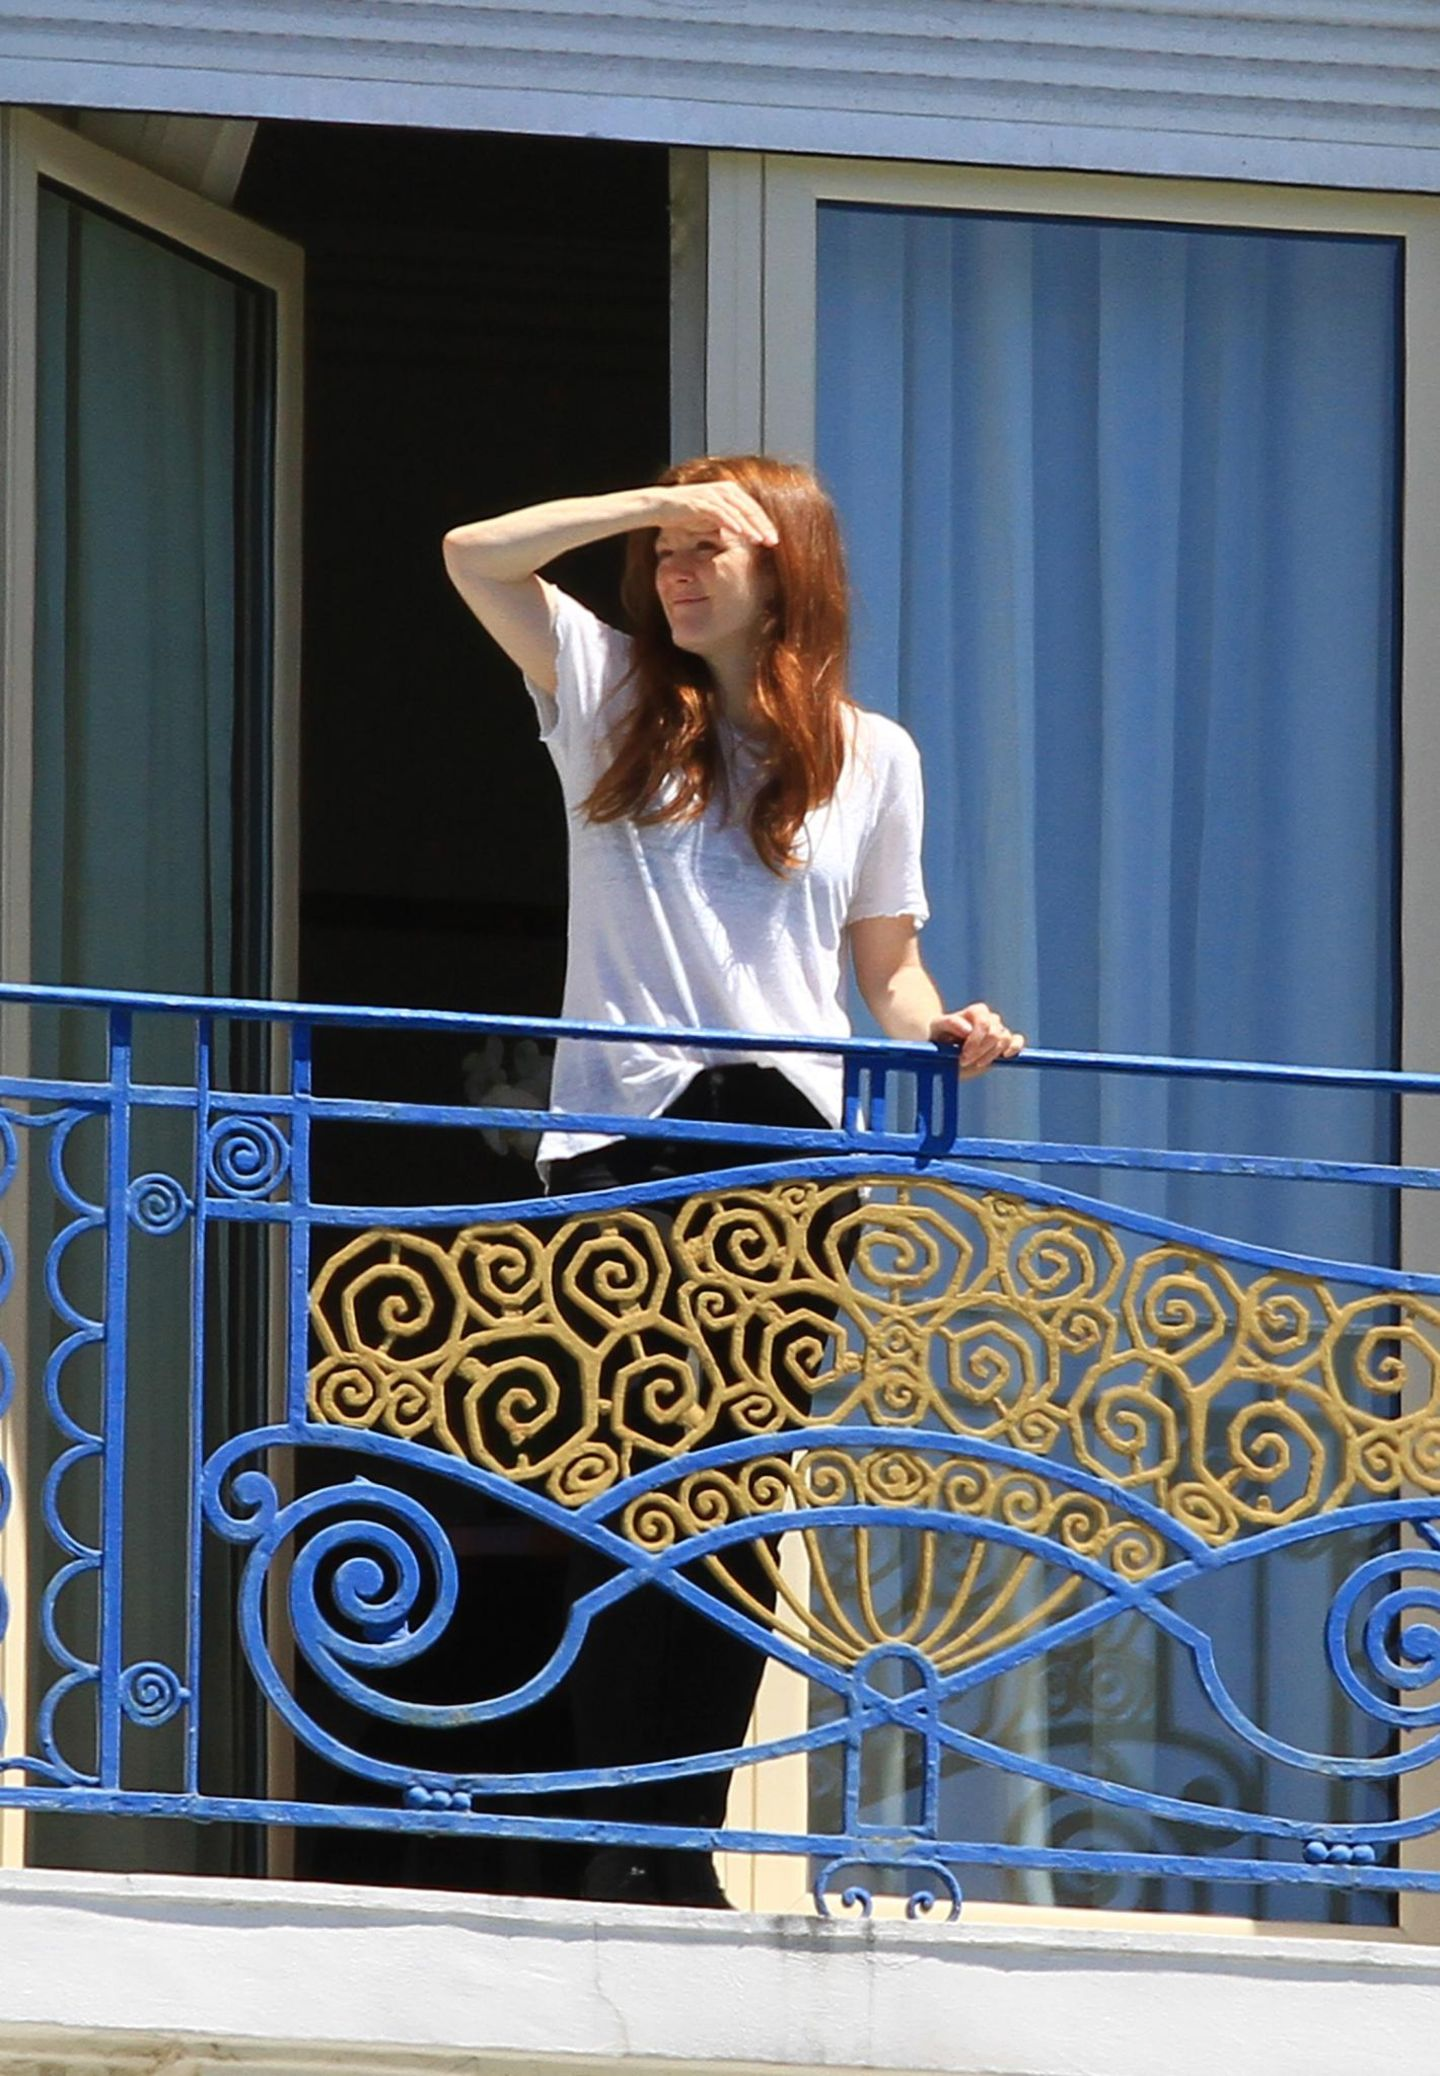 Auch Julianne Moore ist nach Cannes gereist und wirft schon mal einen Blick vom Hotel-Balkon.